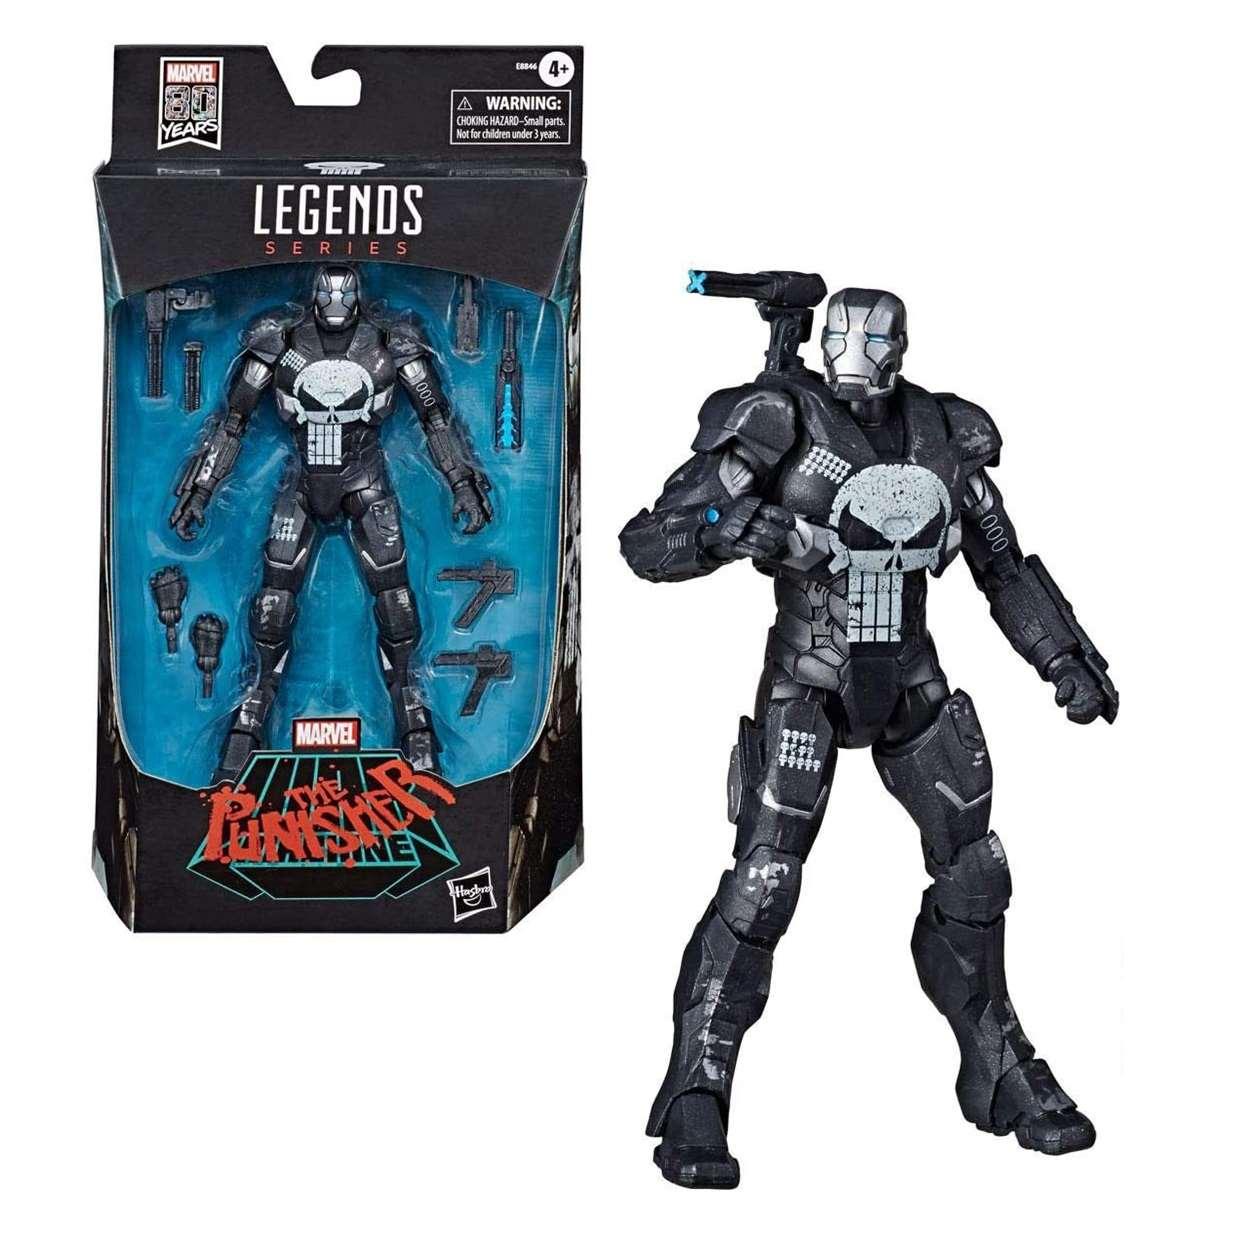 The Punisher Figura War Machine Legends Series Marvel 80th